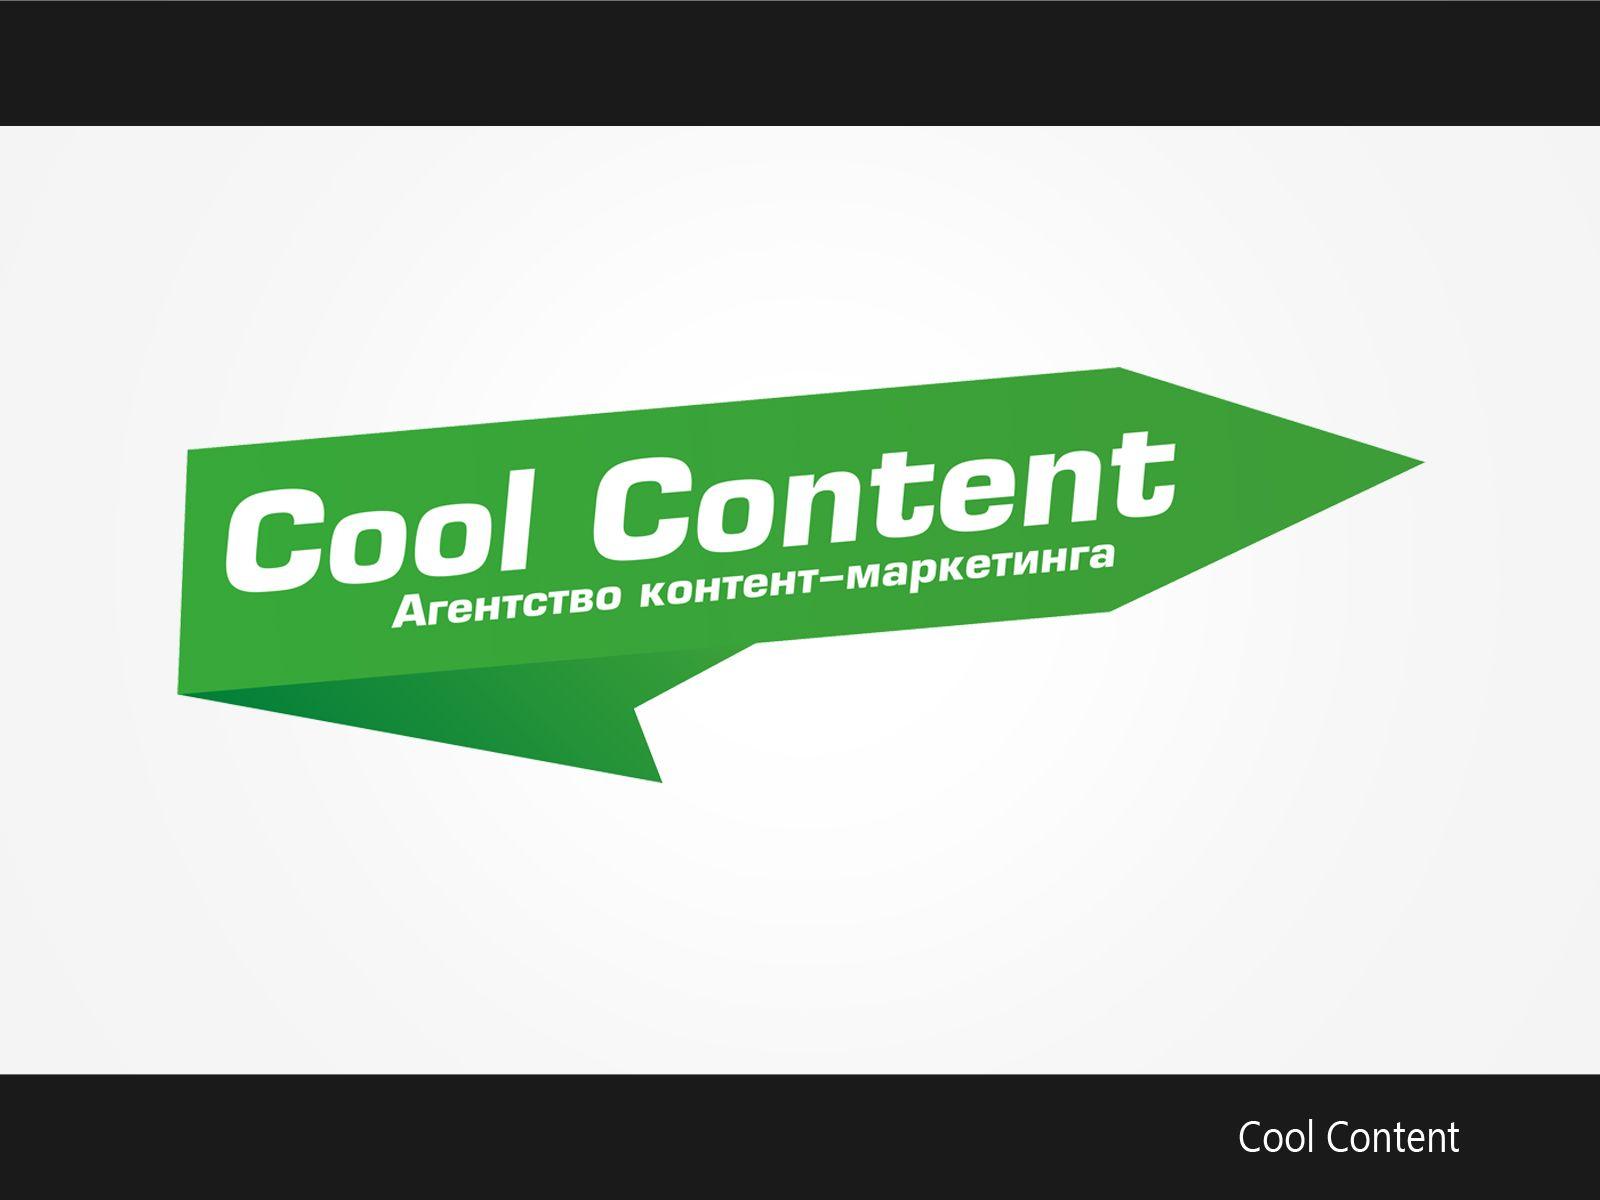 Лого для агентства Cool Content - дизайнер bonvian